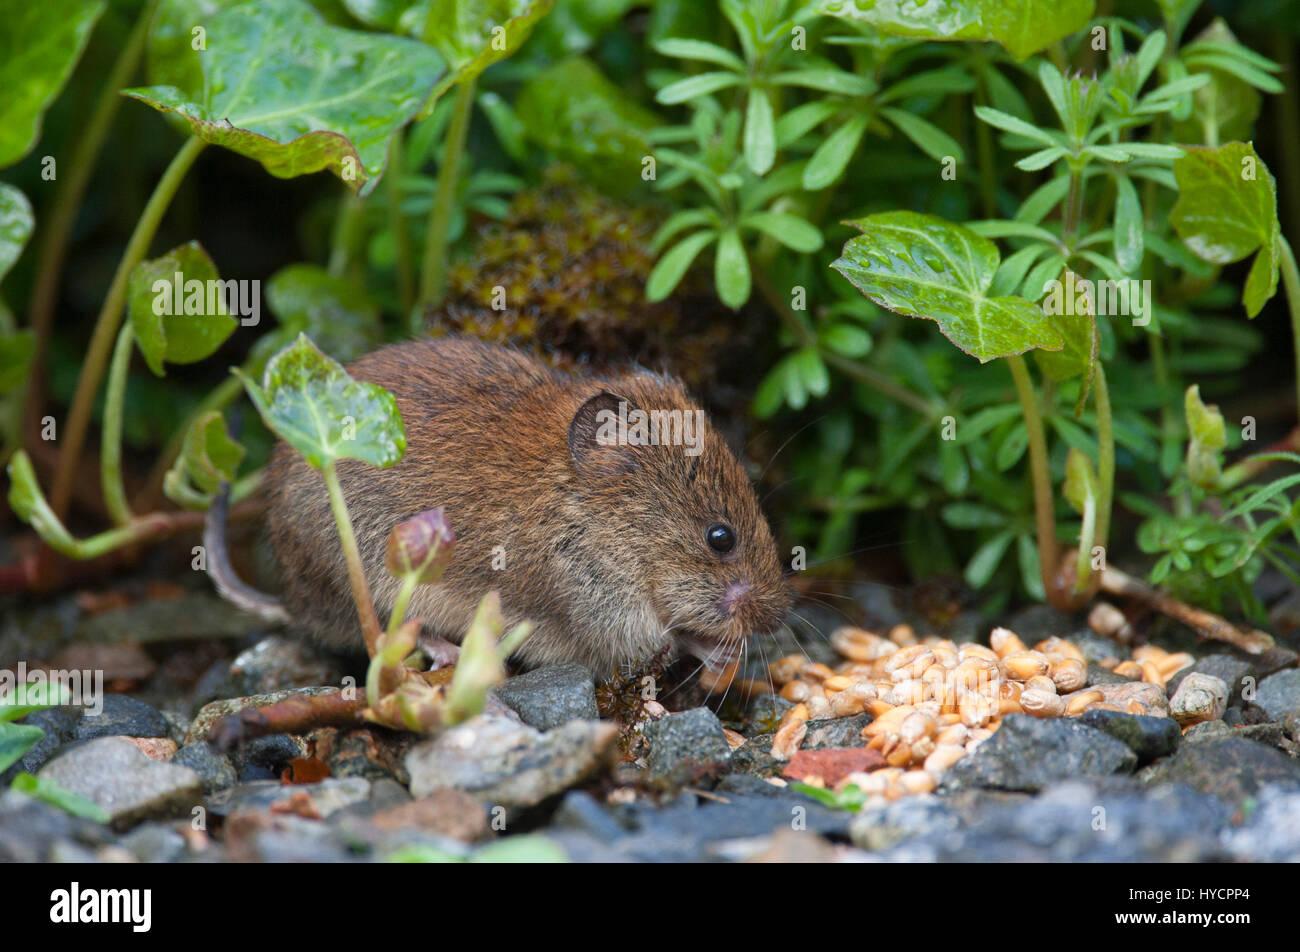 Bank Vole, Clethrionomys glareolus Single adult feeding on seeds. Aviemore, Scotland, UK - Stock Image